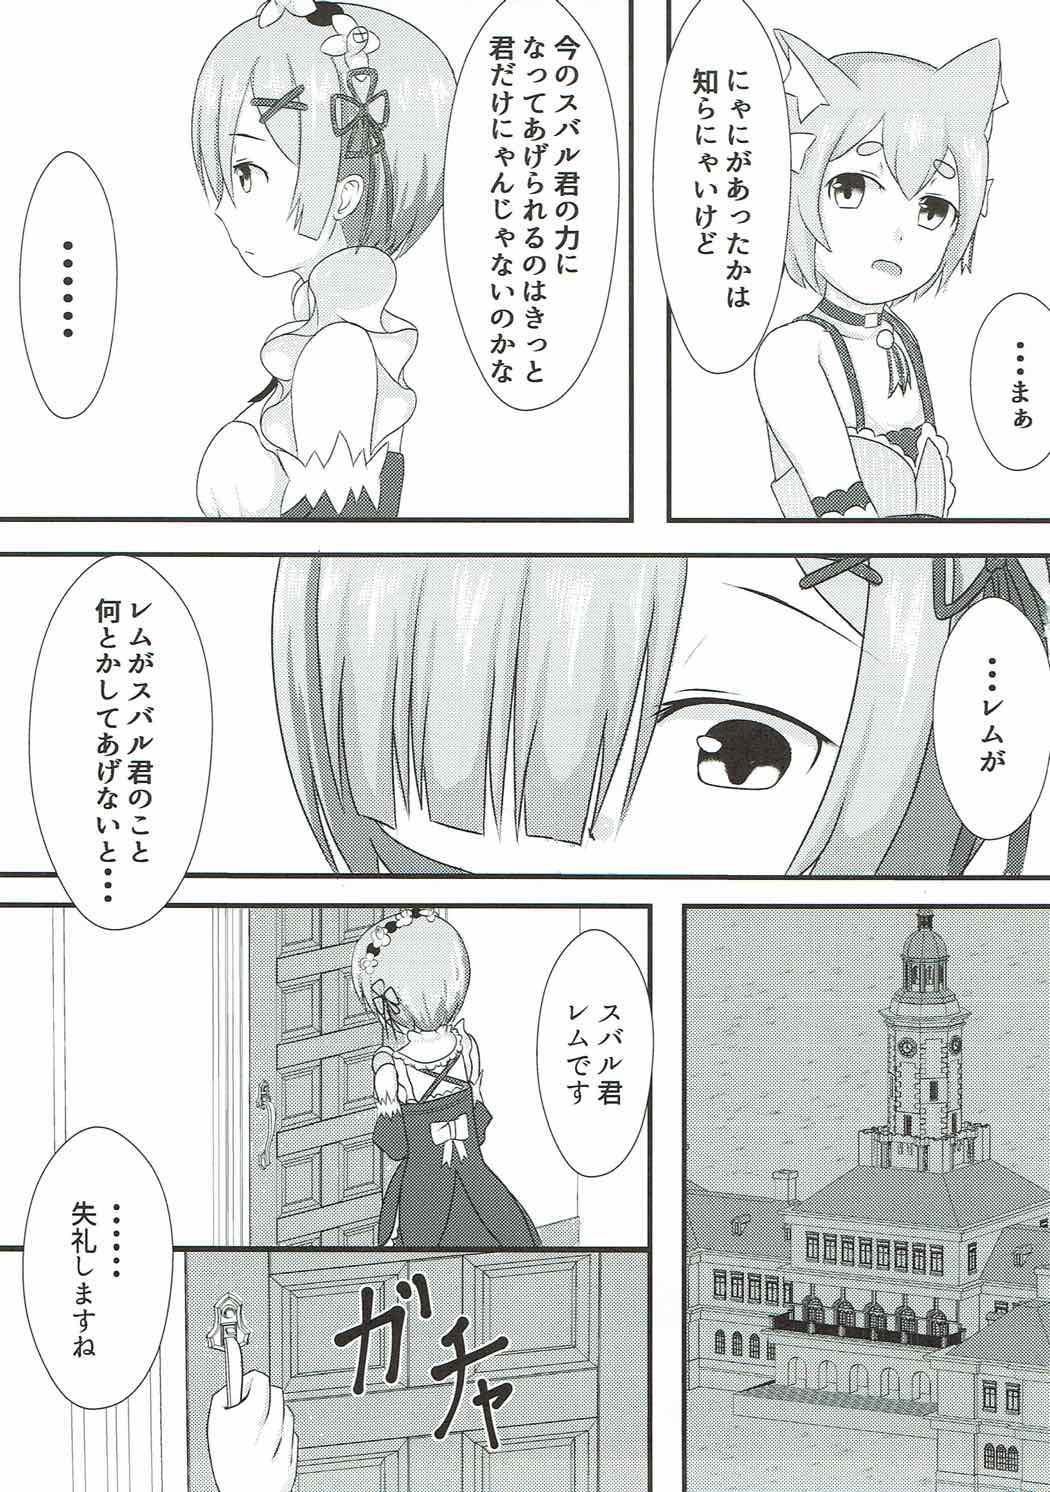 Subaru-kun wa Rem ga Nagusamete Agemasu 3